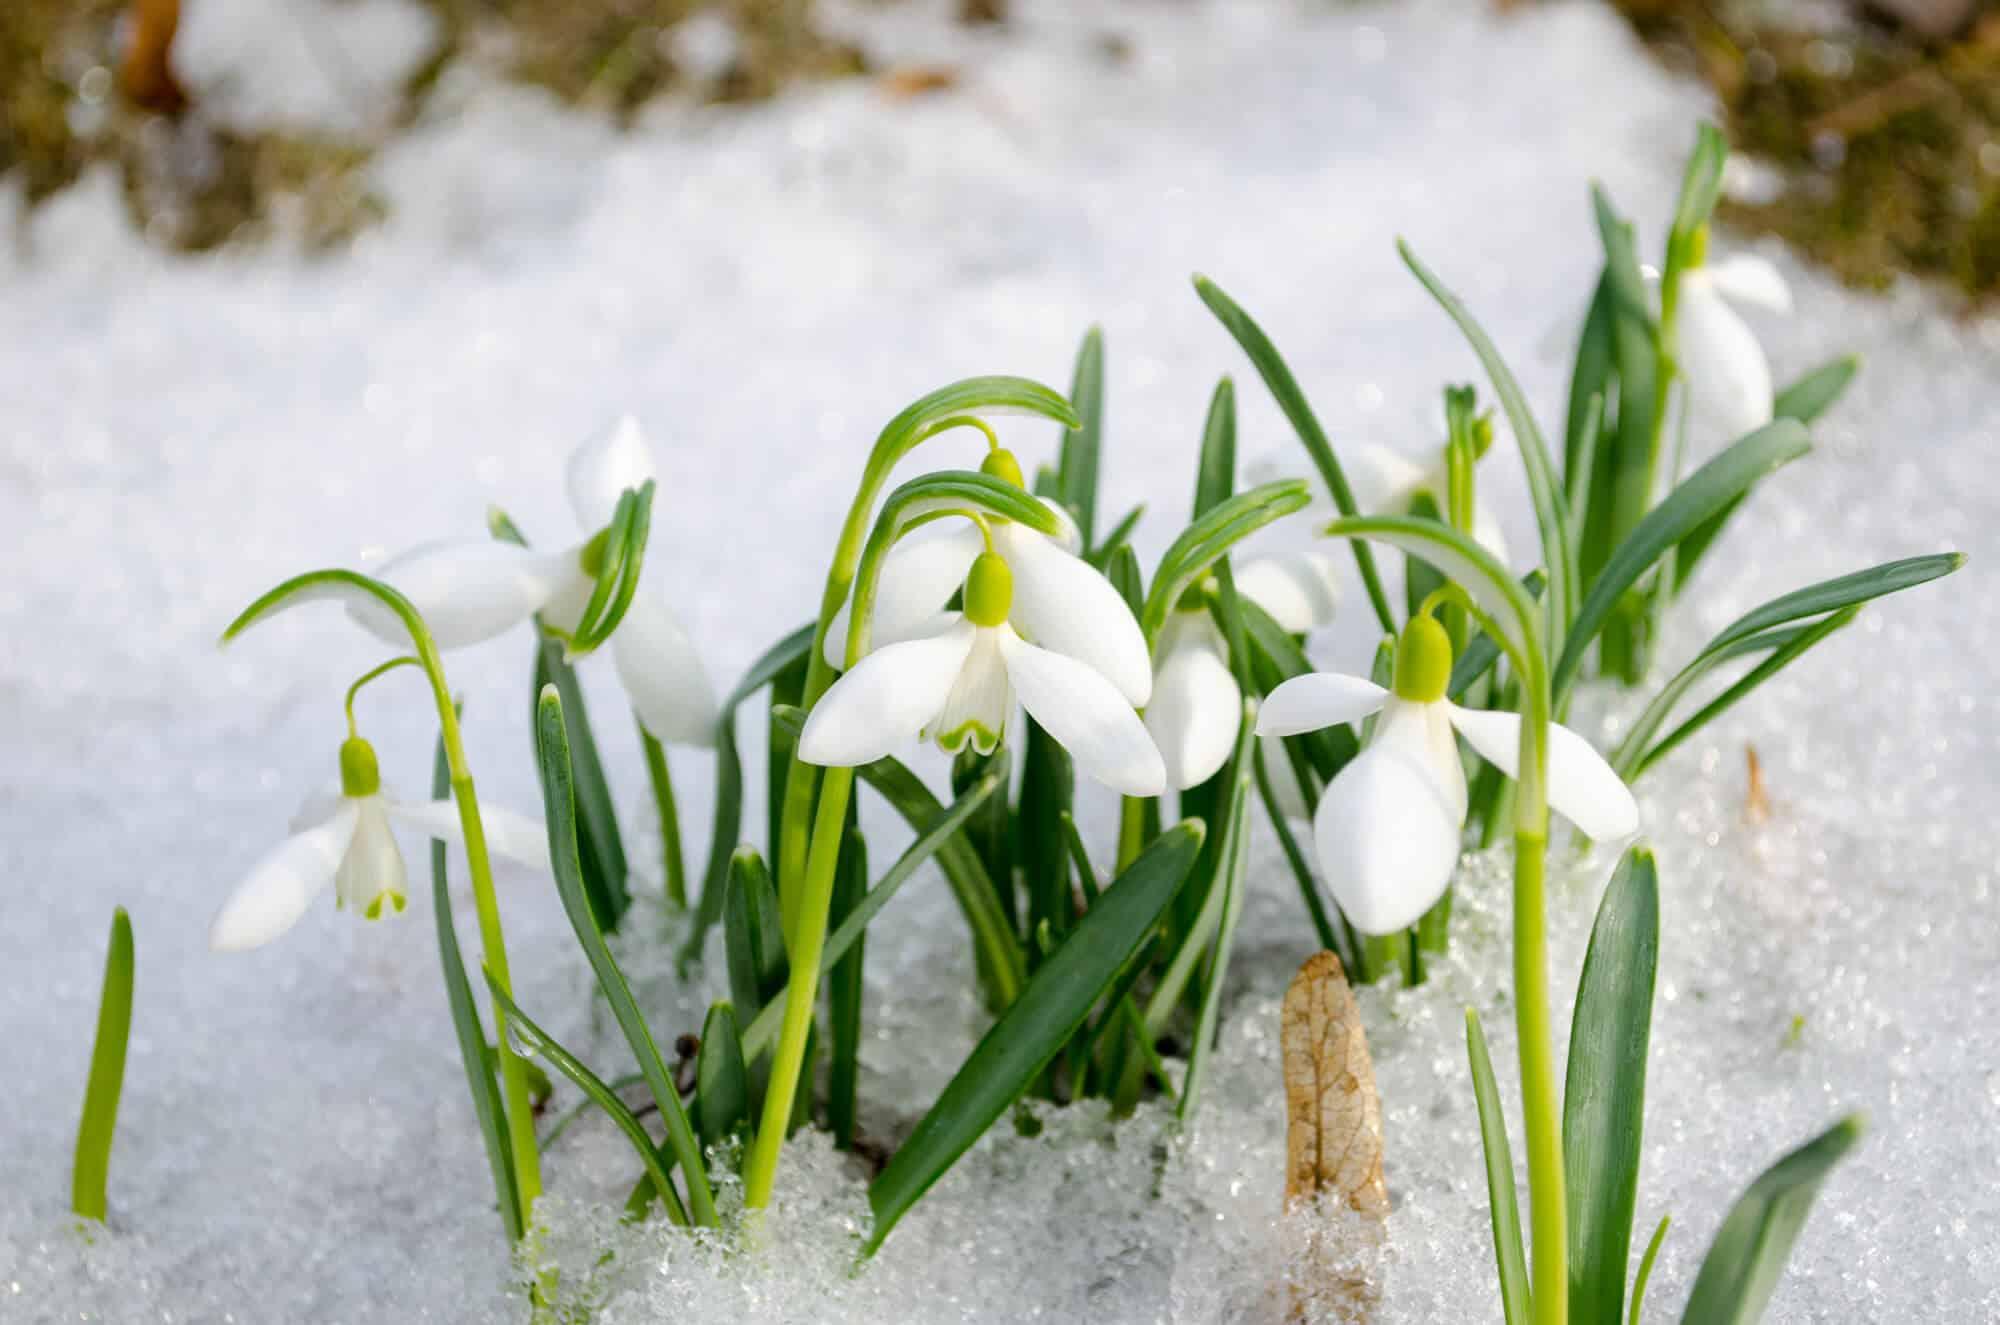 Jobs In The Garden: February Gardening Tips